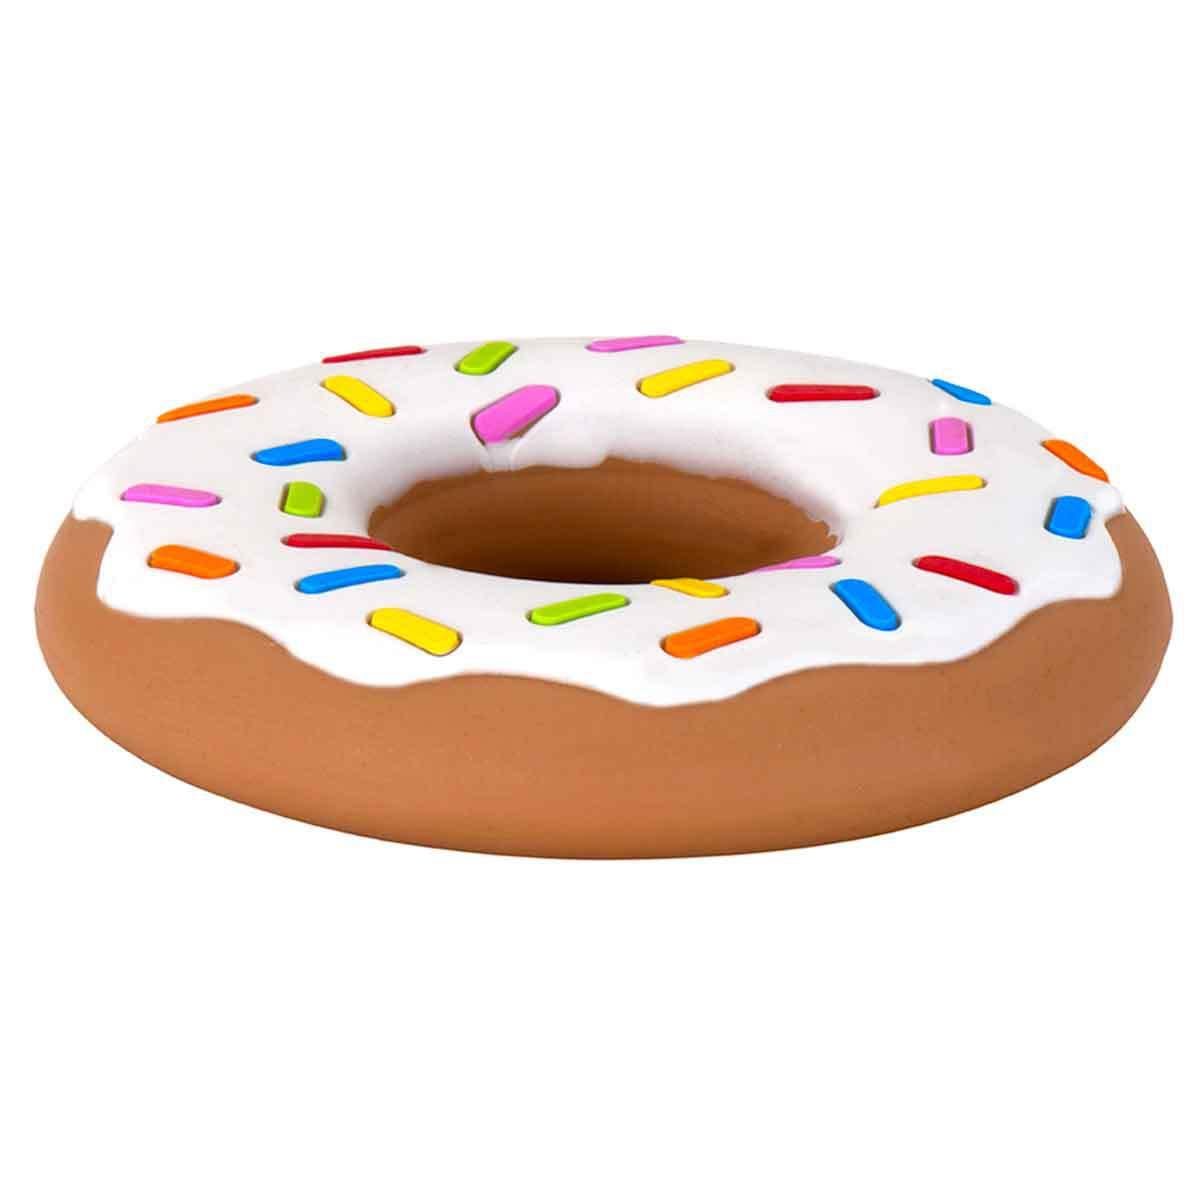 Dentition Jouet de Dentition Donut - Vanille Jouet de Dentition Donut - Vanille